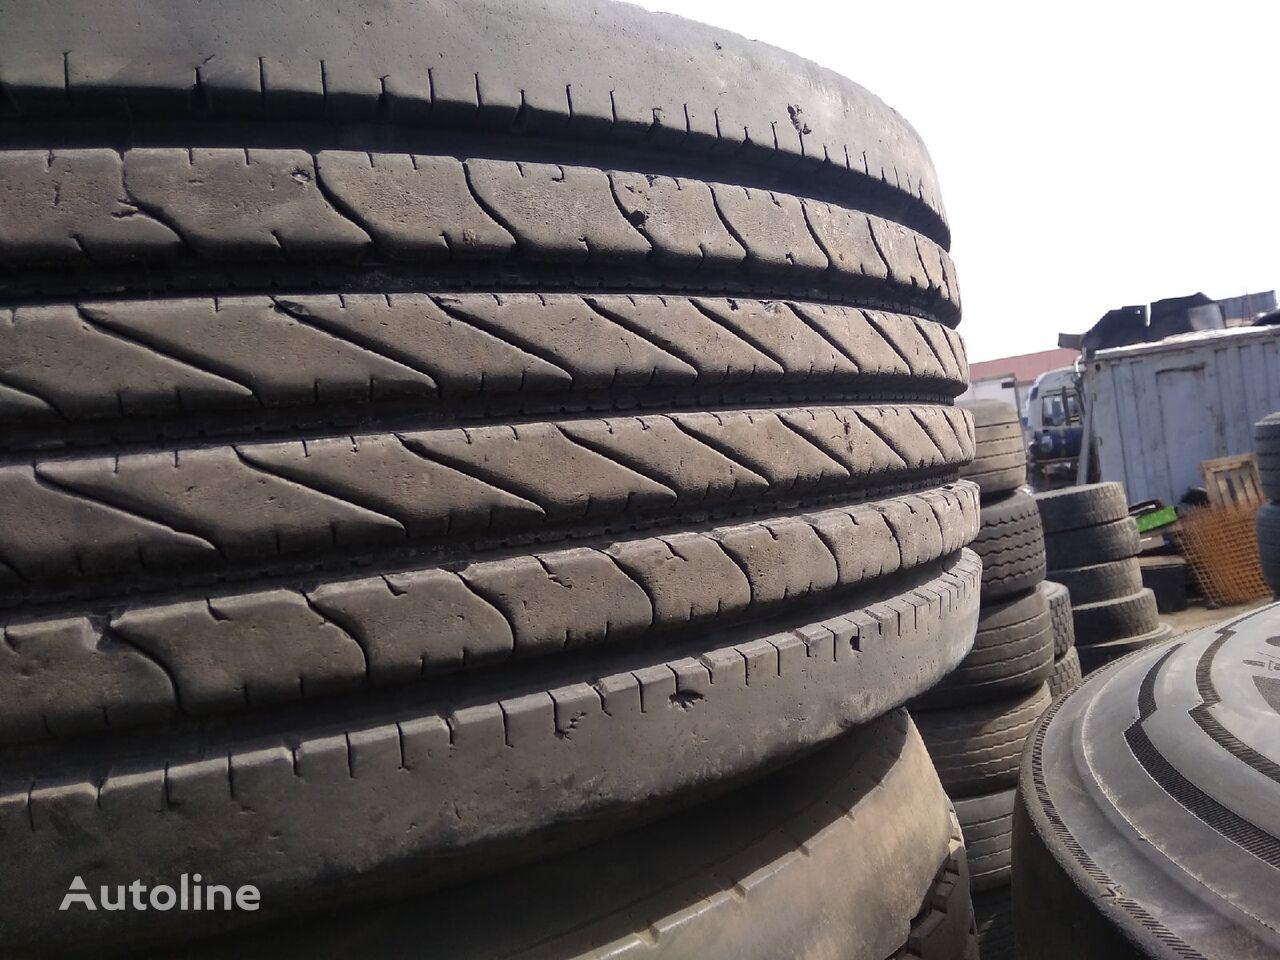 Goodyear Maraton LHS 2 truck tyre